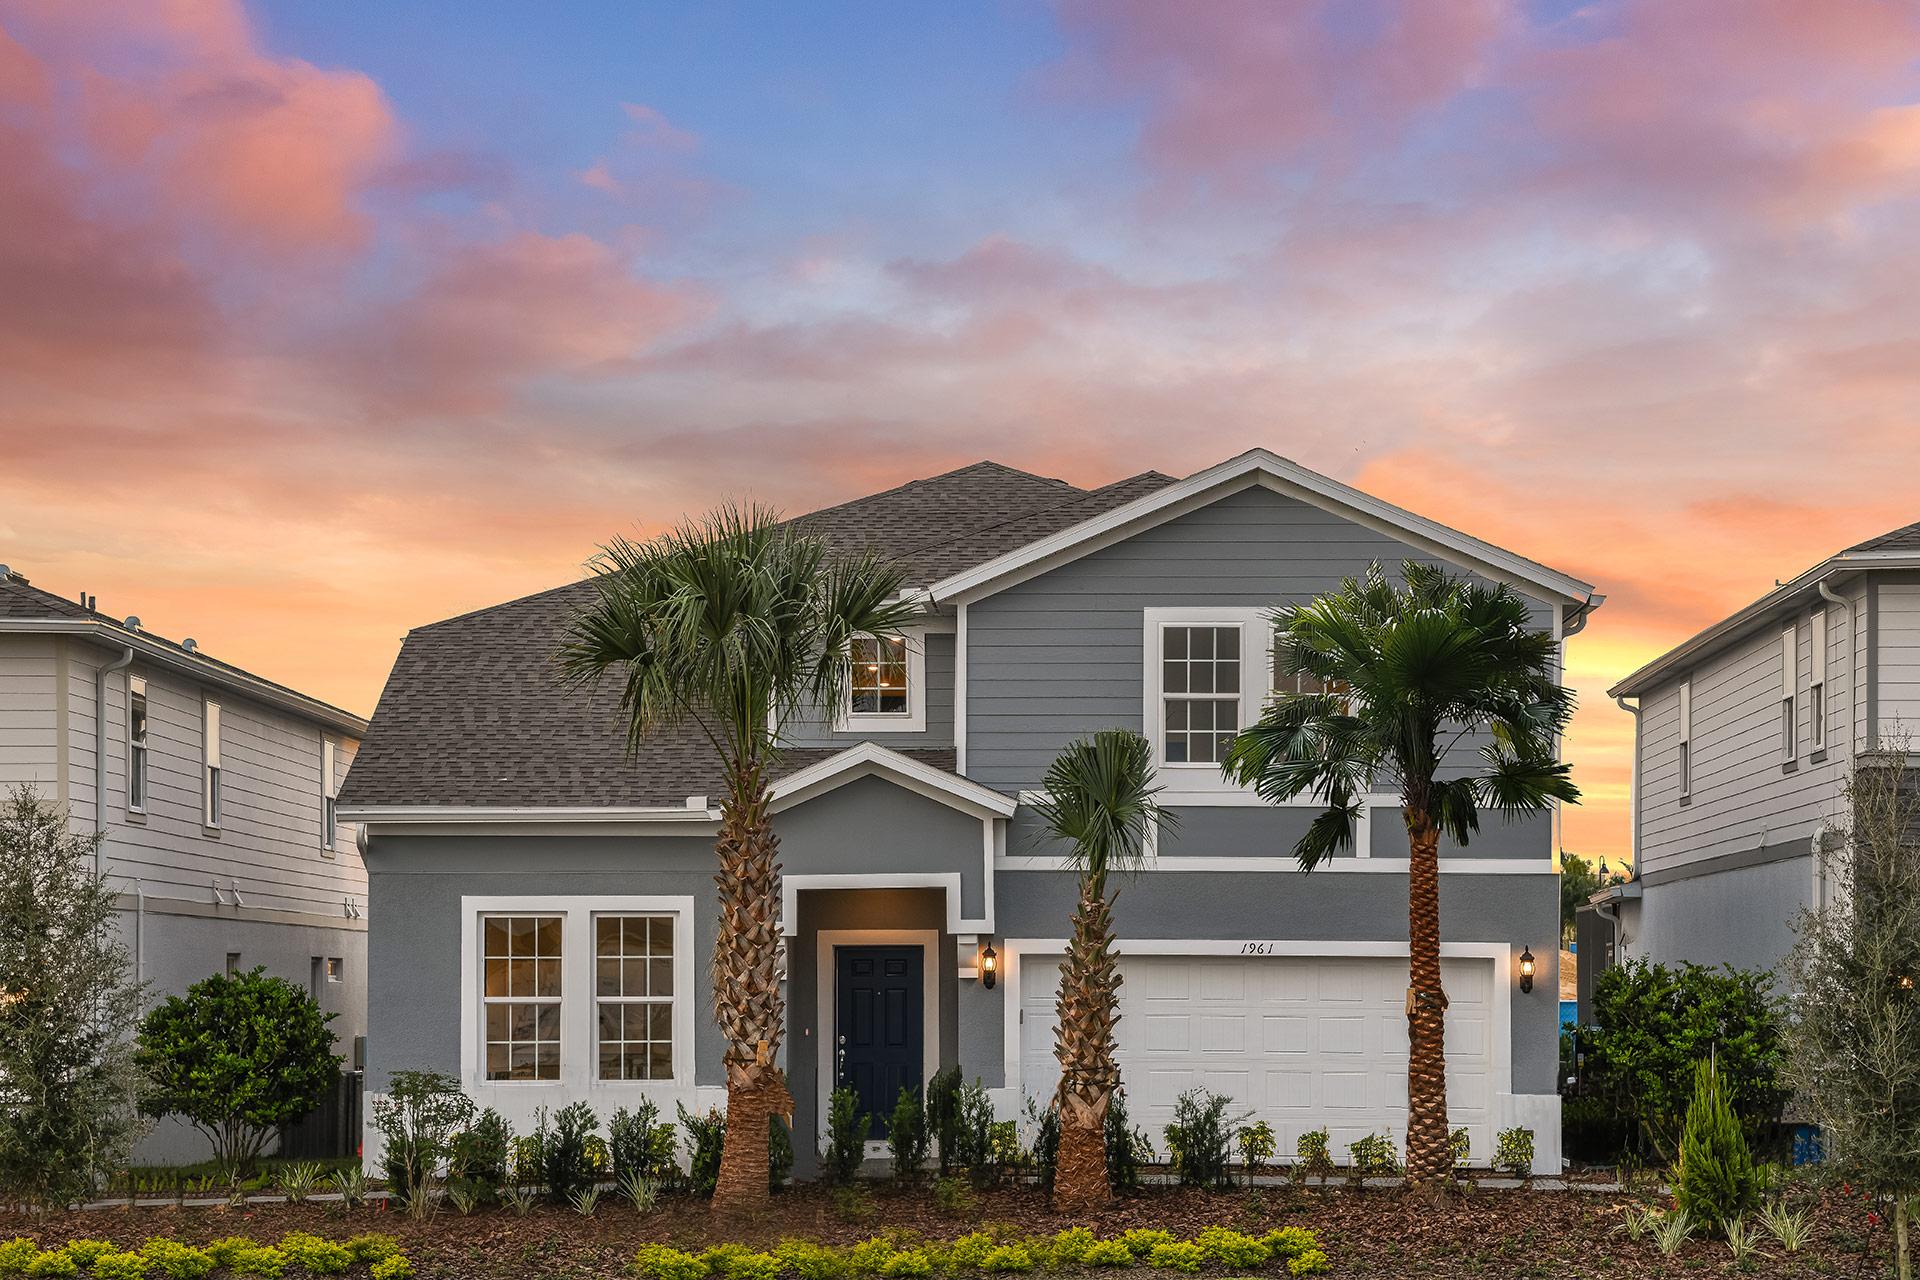 Casa de férias com 8 dormitórios perto da Disney - Windsor Island Resort